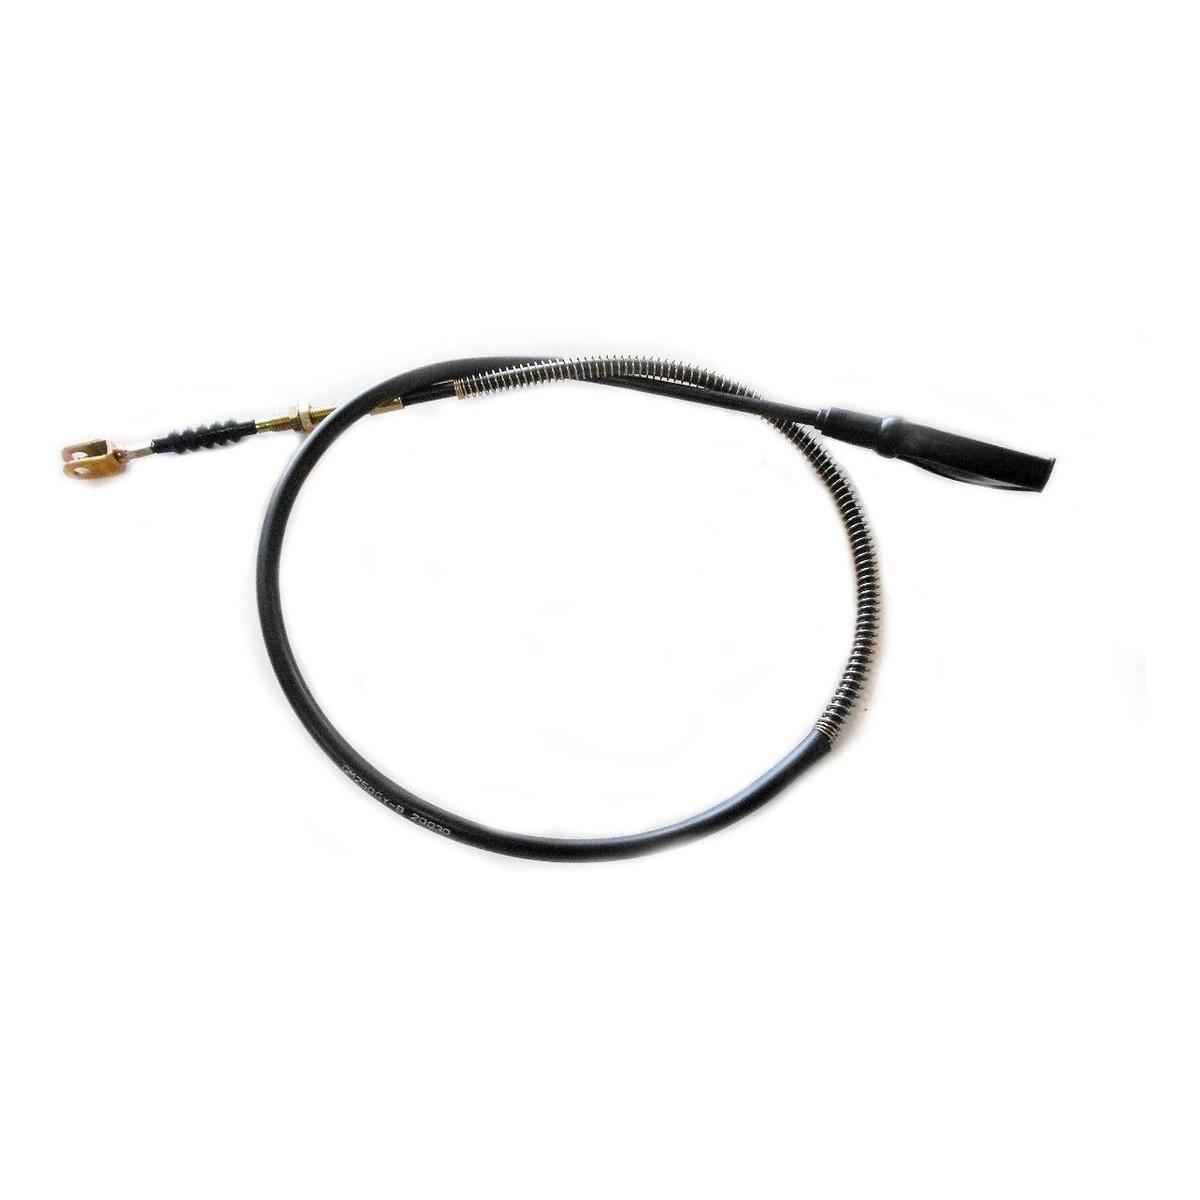 Cable Embrague Beta Motard 2.5 250 Original